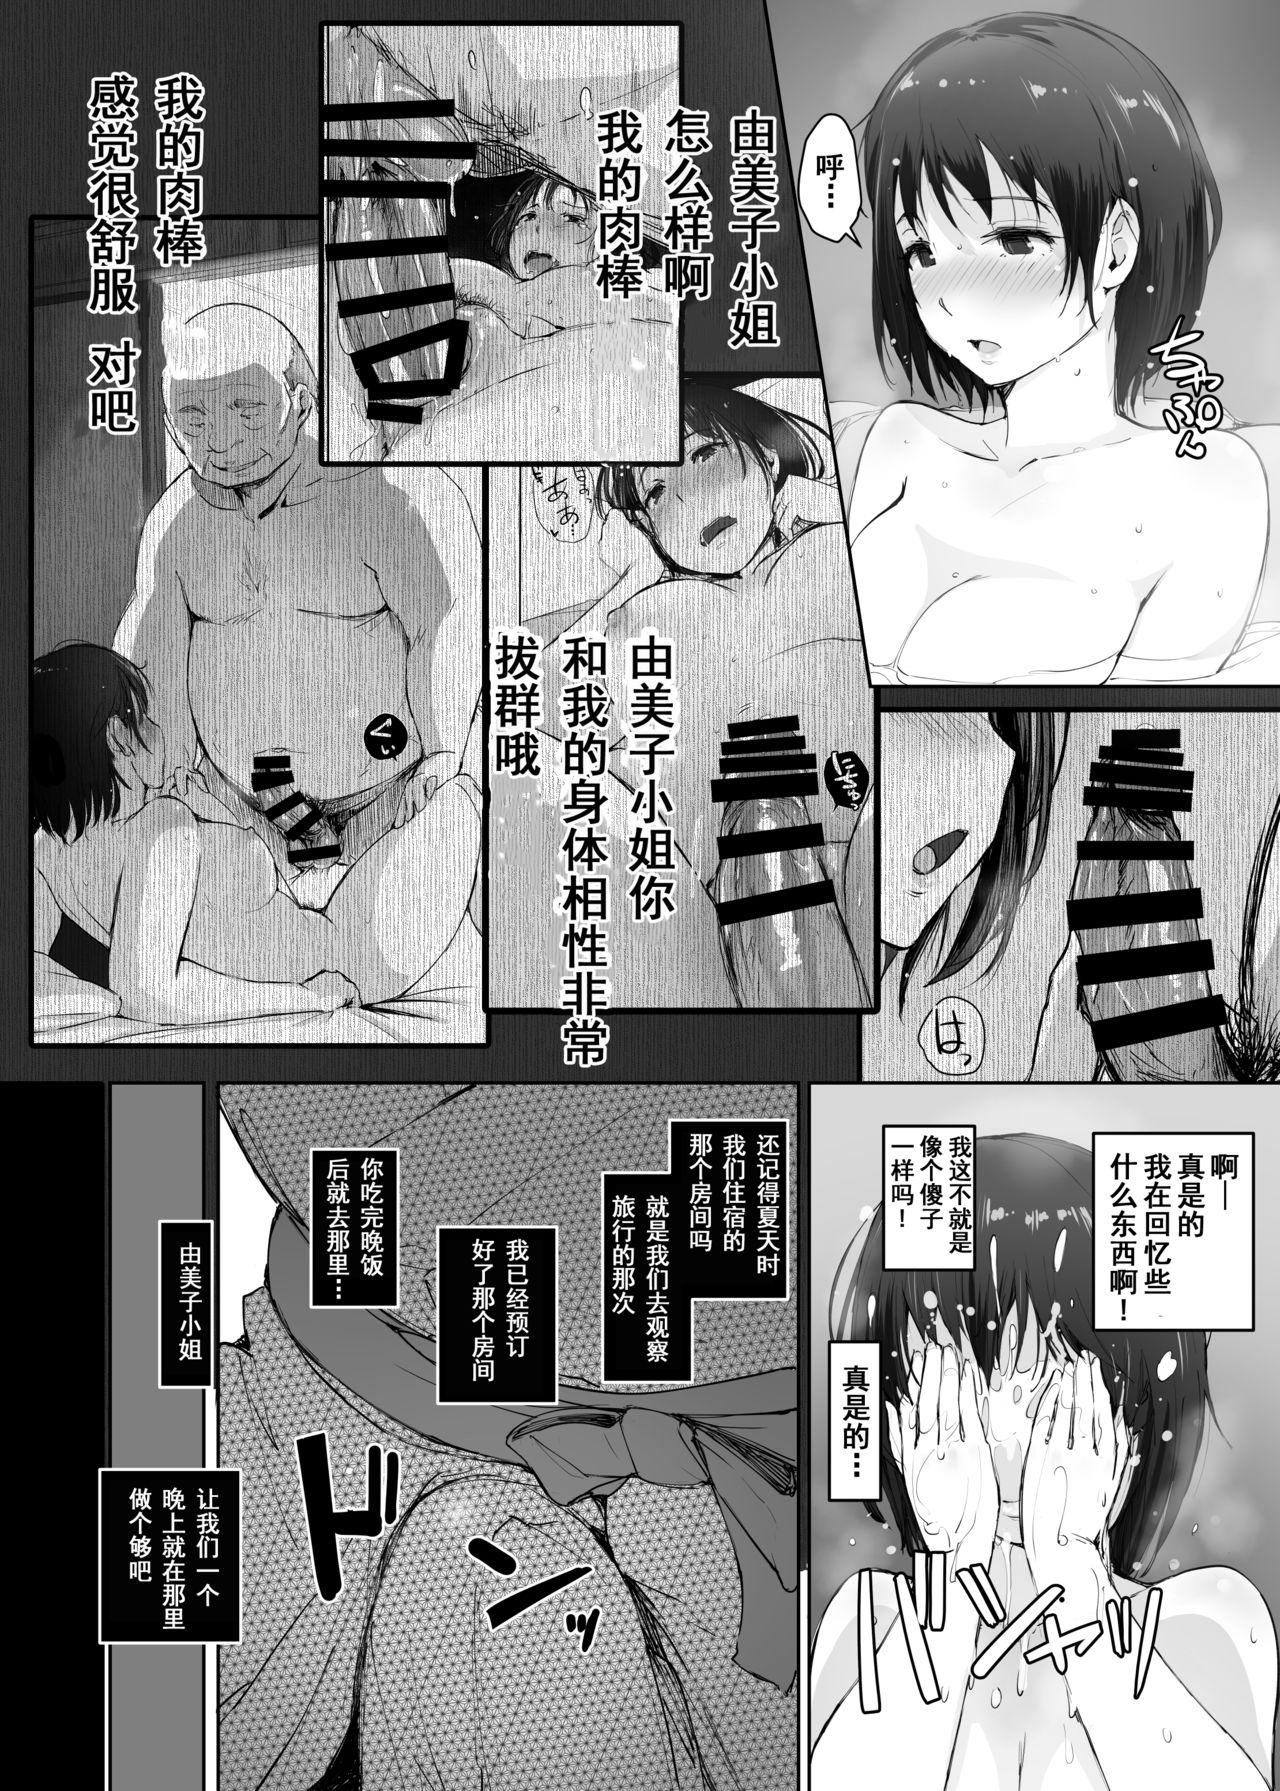 Hitozuma to NTR Chounai Ryokou 14